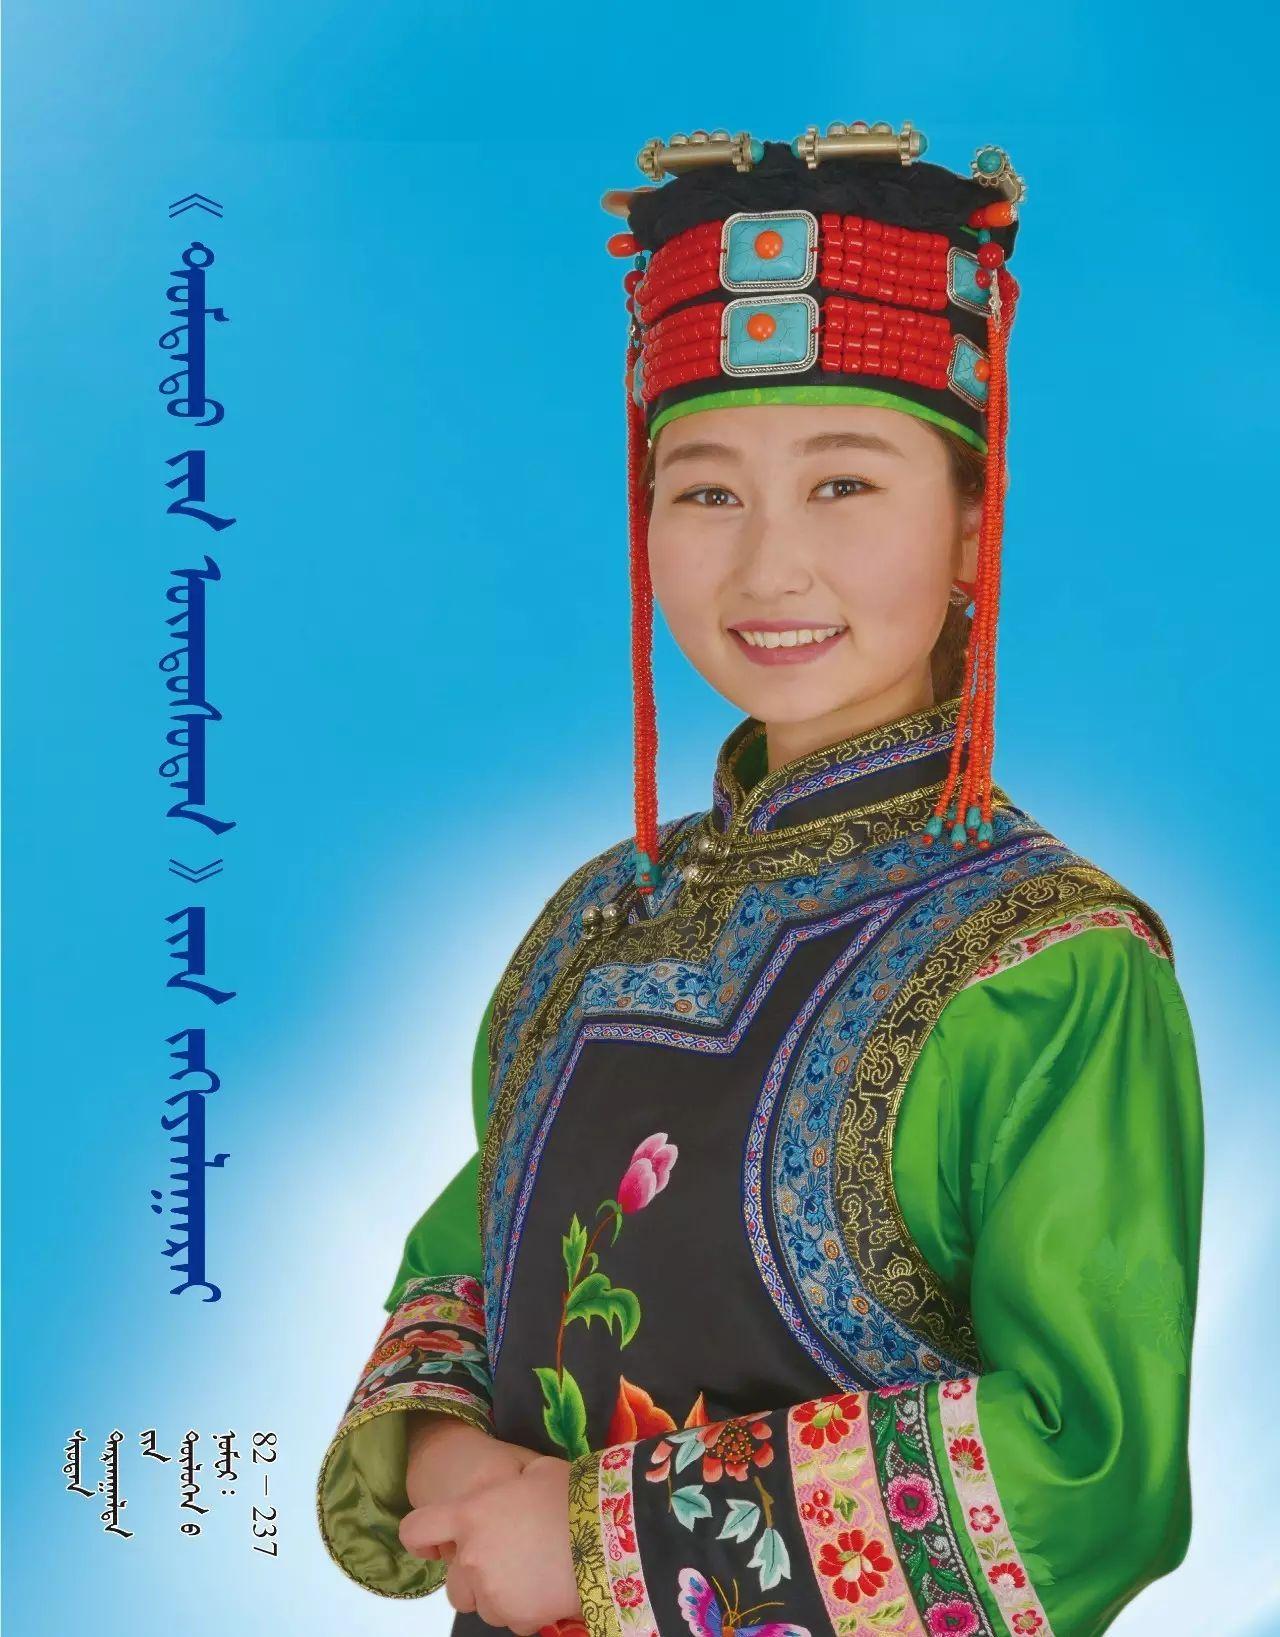 一心致力于乌拉特敖包文化 第15张 一心致力于乌拉特敖包文化 蒙古文化